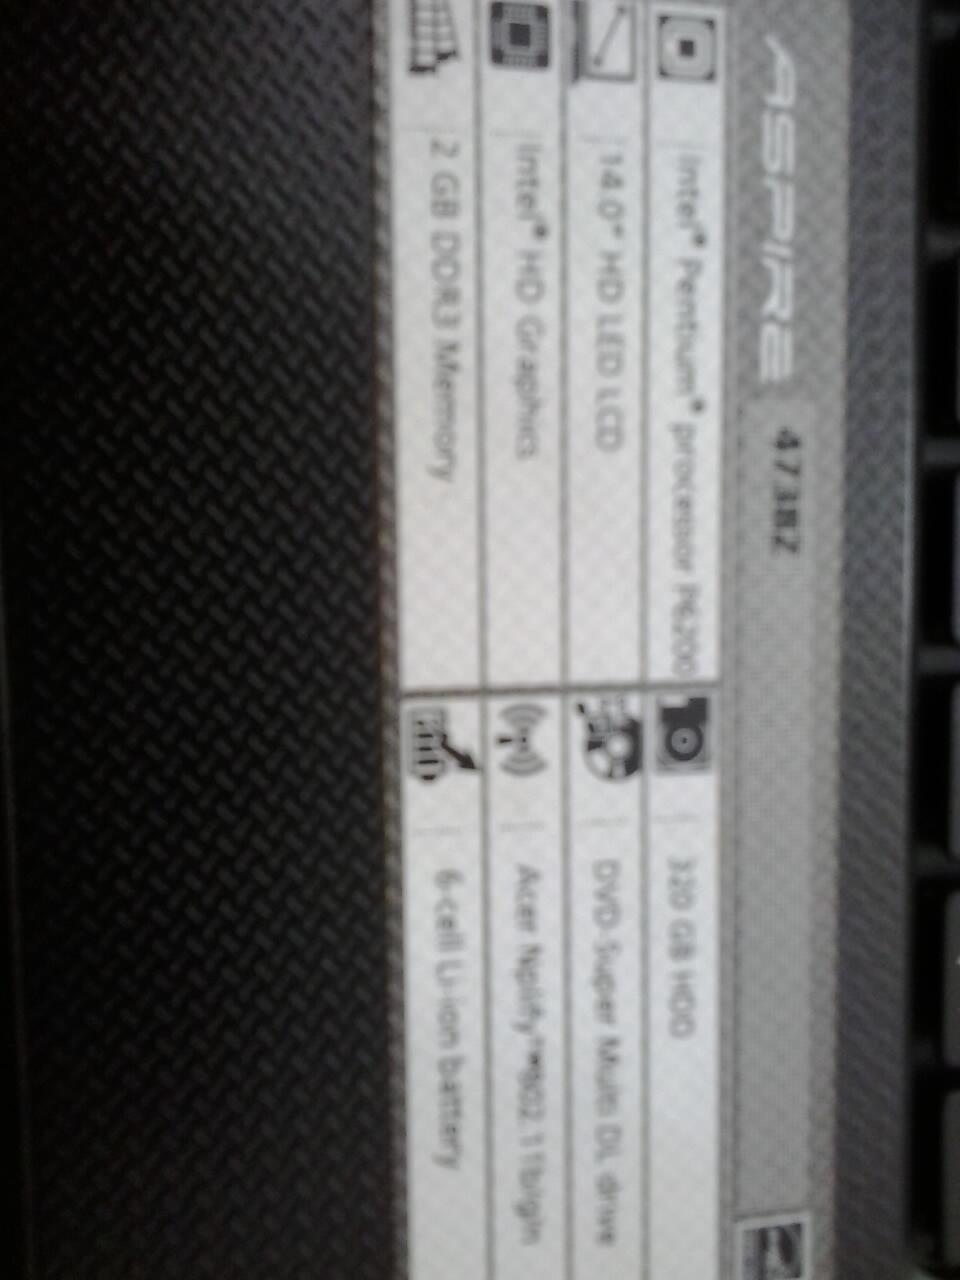 ACER 4738z RAM 2GB, HD 320GB, PC P6200